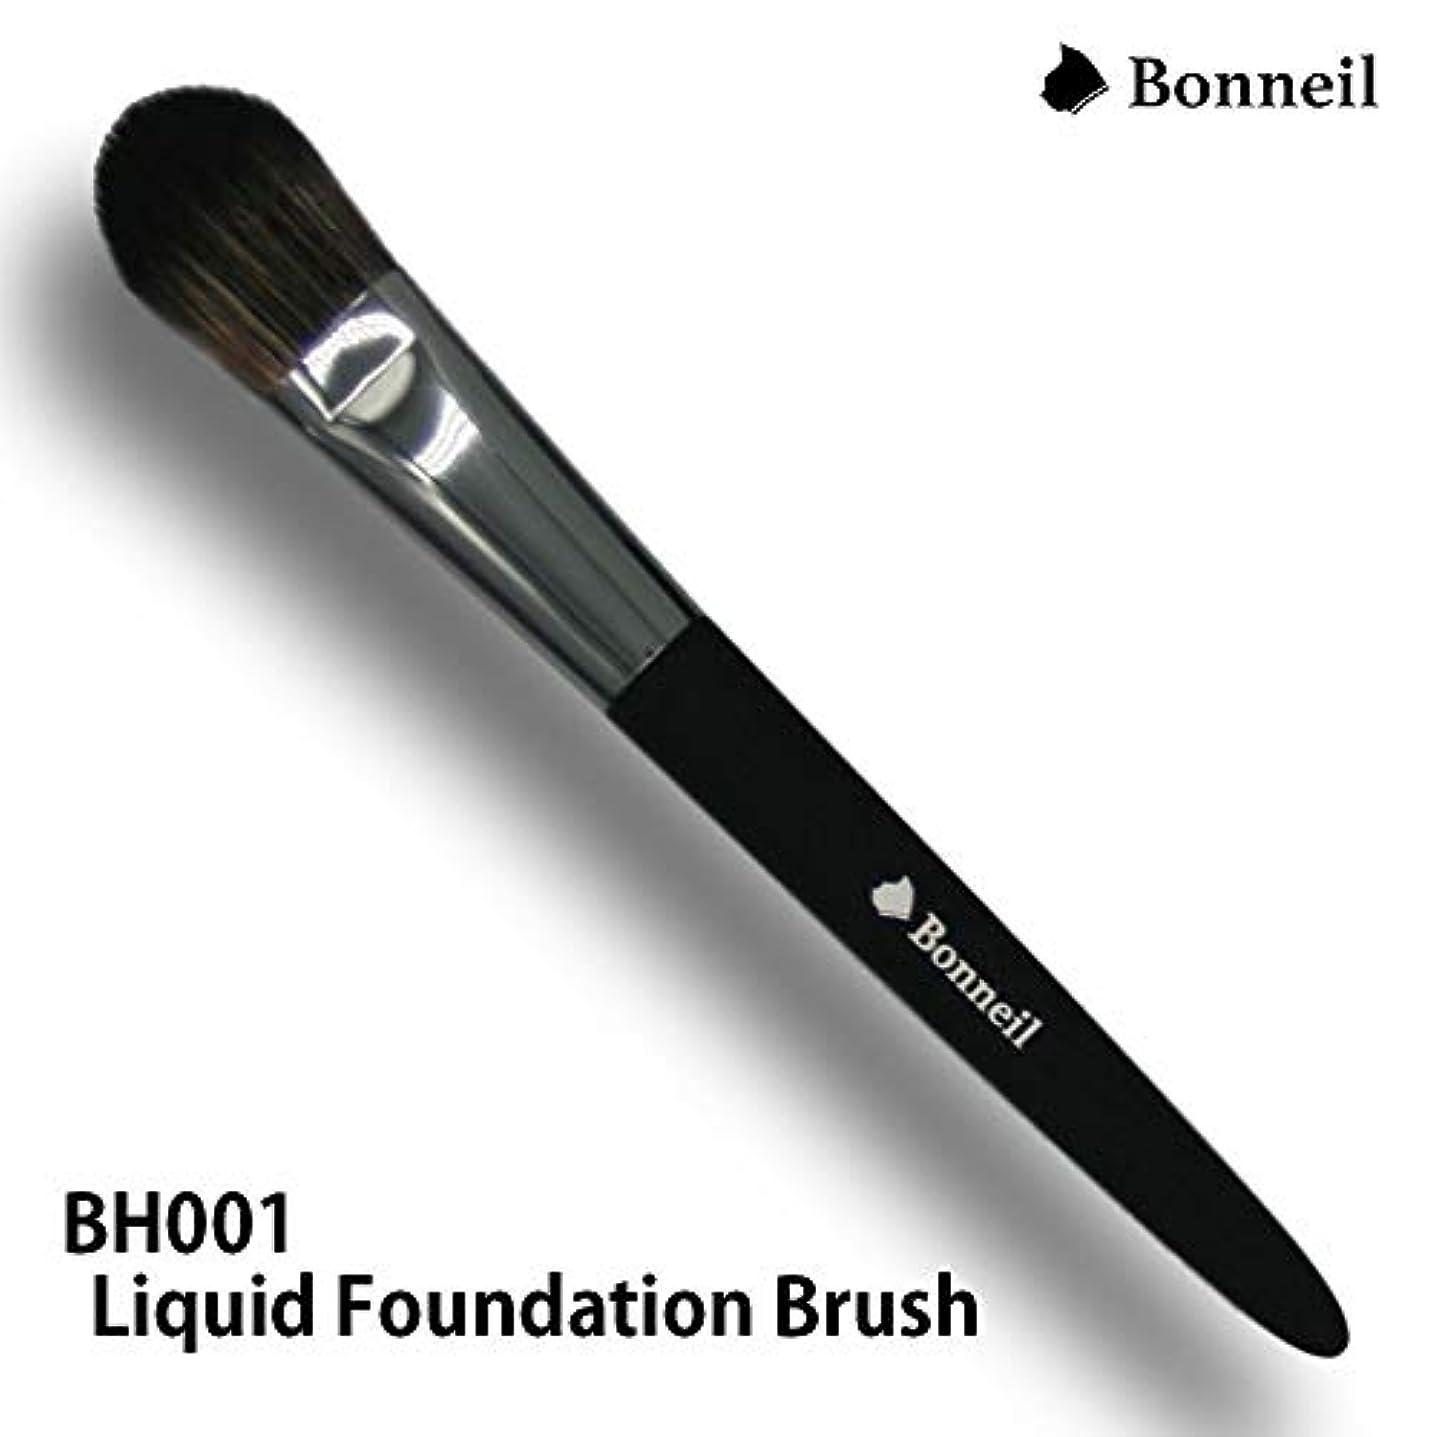 インレイ激怒空虚リキッドファンデーションブラシ 平筆 BH001 Bonneil ボヌール